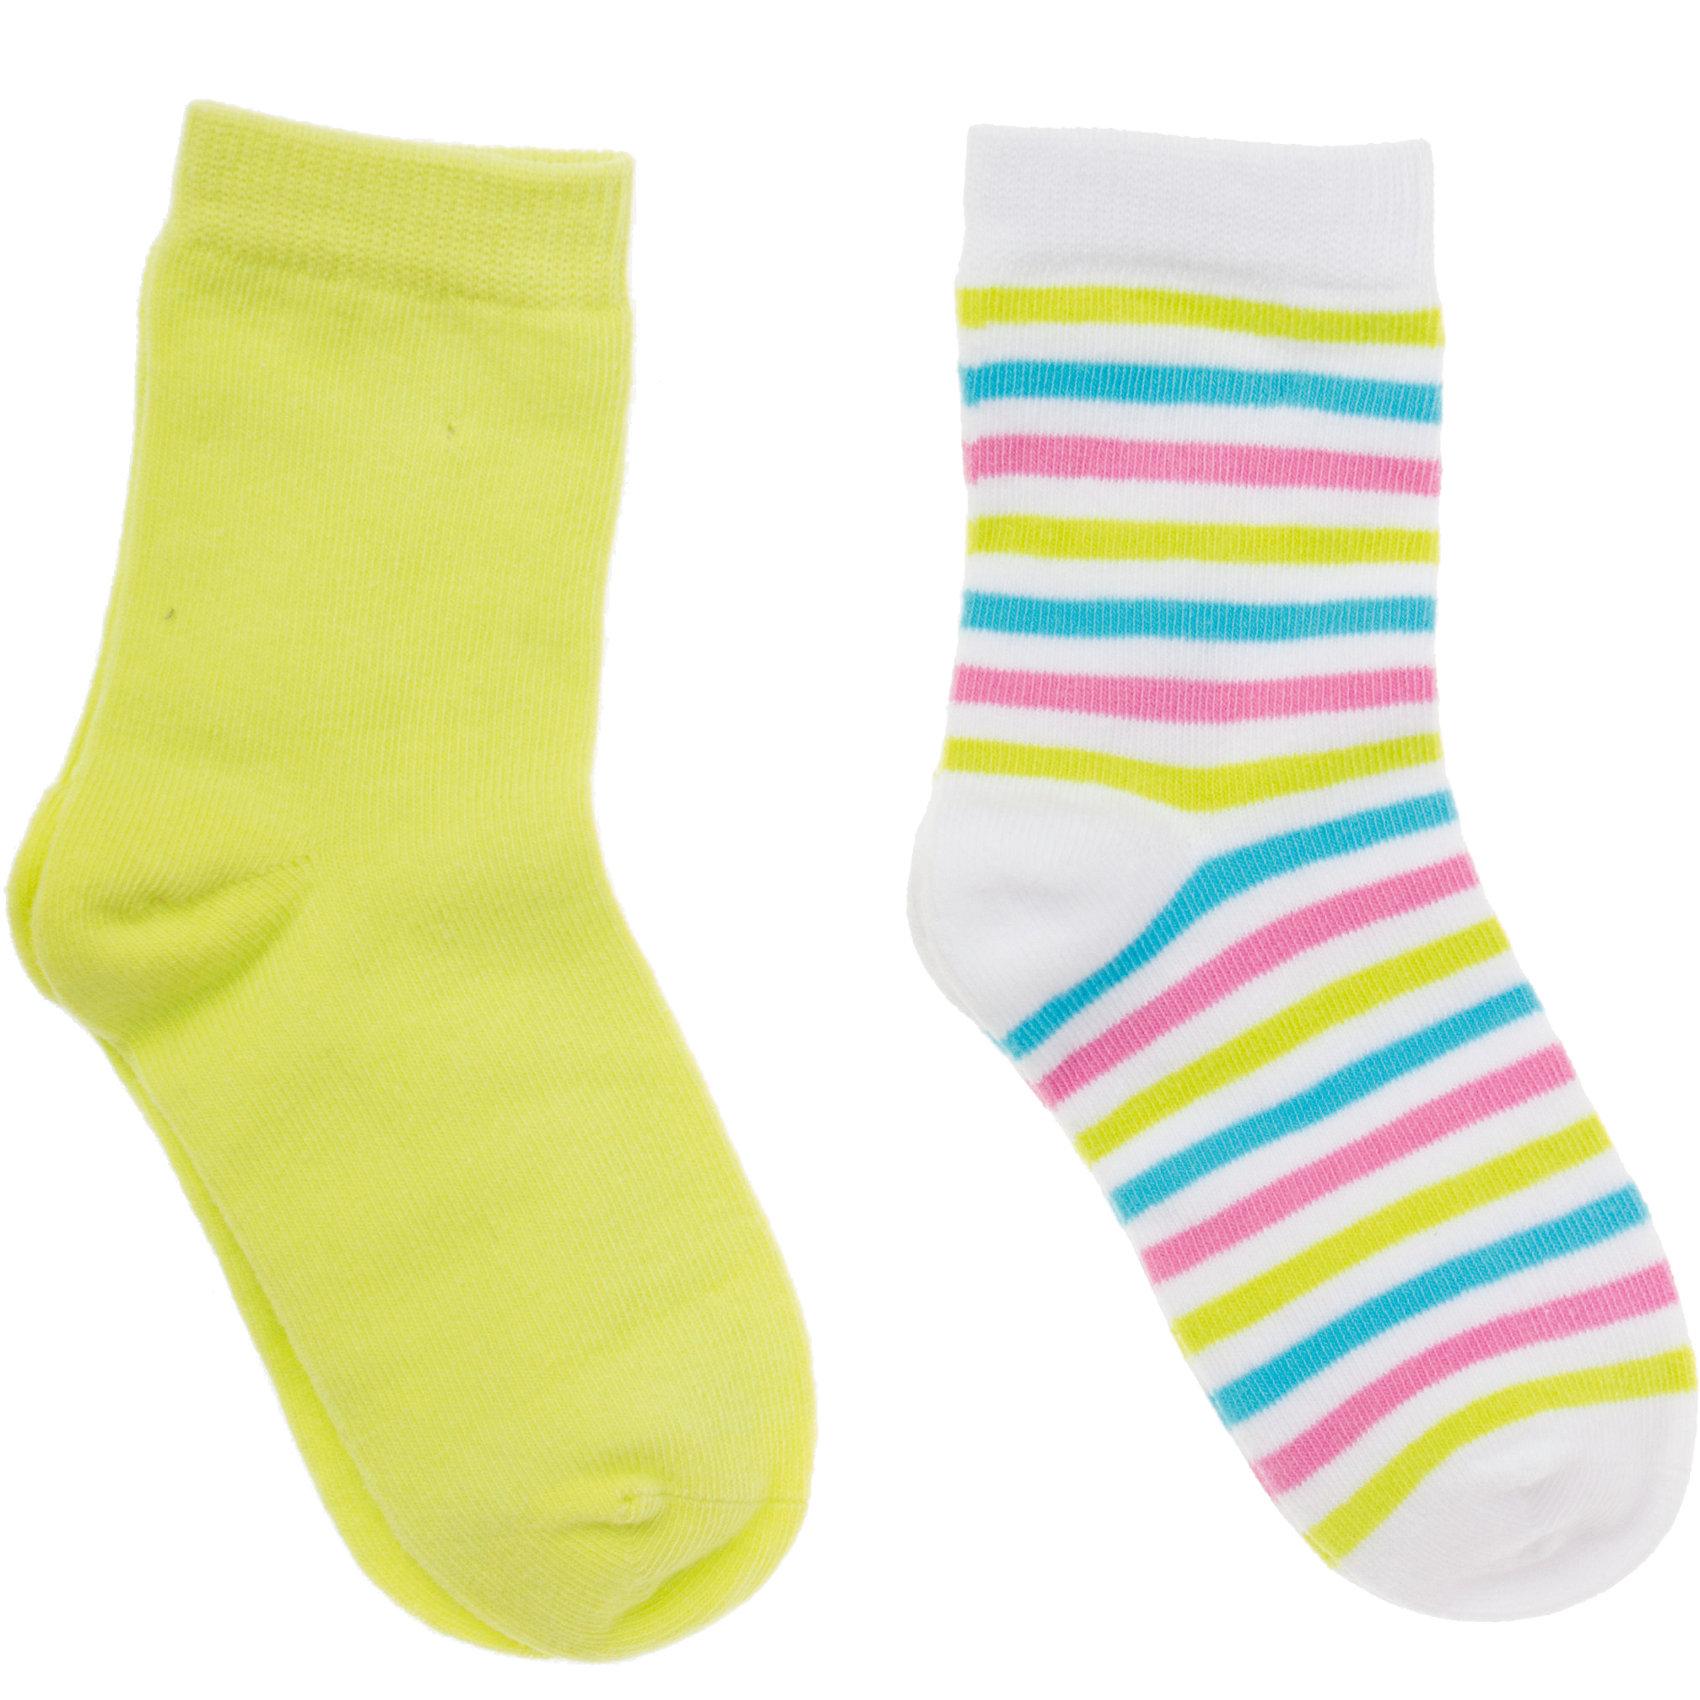 Носки ( 2 шт.) для девочки PlayTodayНоски<br>Носки для девочки PlayToday <br><br>Состав: 75% хлопок, 22% нейлон, 3% эластан <br><br>1 пара:<br>Цветные полоски - бирюзовые, розовые и лаймовые<br>Верх на мягкой резинке<br>2 пара:<br>Яркий лаймовый цвет<br>Верх на мягкой резинке<br><br>Ширина мм: 87<br>Глубина мм: 10<br>Высота мм: 105<br>Вес г: 115<br>Цвет: зеленый<br>Возраст от месяцев: 108<br>Возраст до месяцев: 132<br>Пол: Женский<br>Возраст: Детский<br>Размер: 16,14,18<br>SKU: 4502083